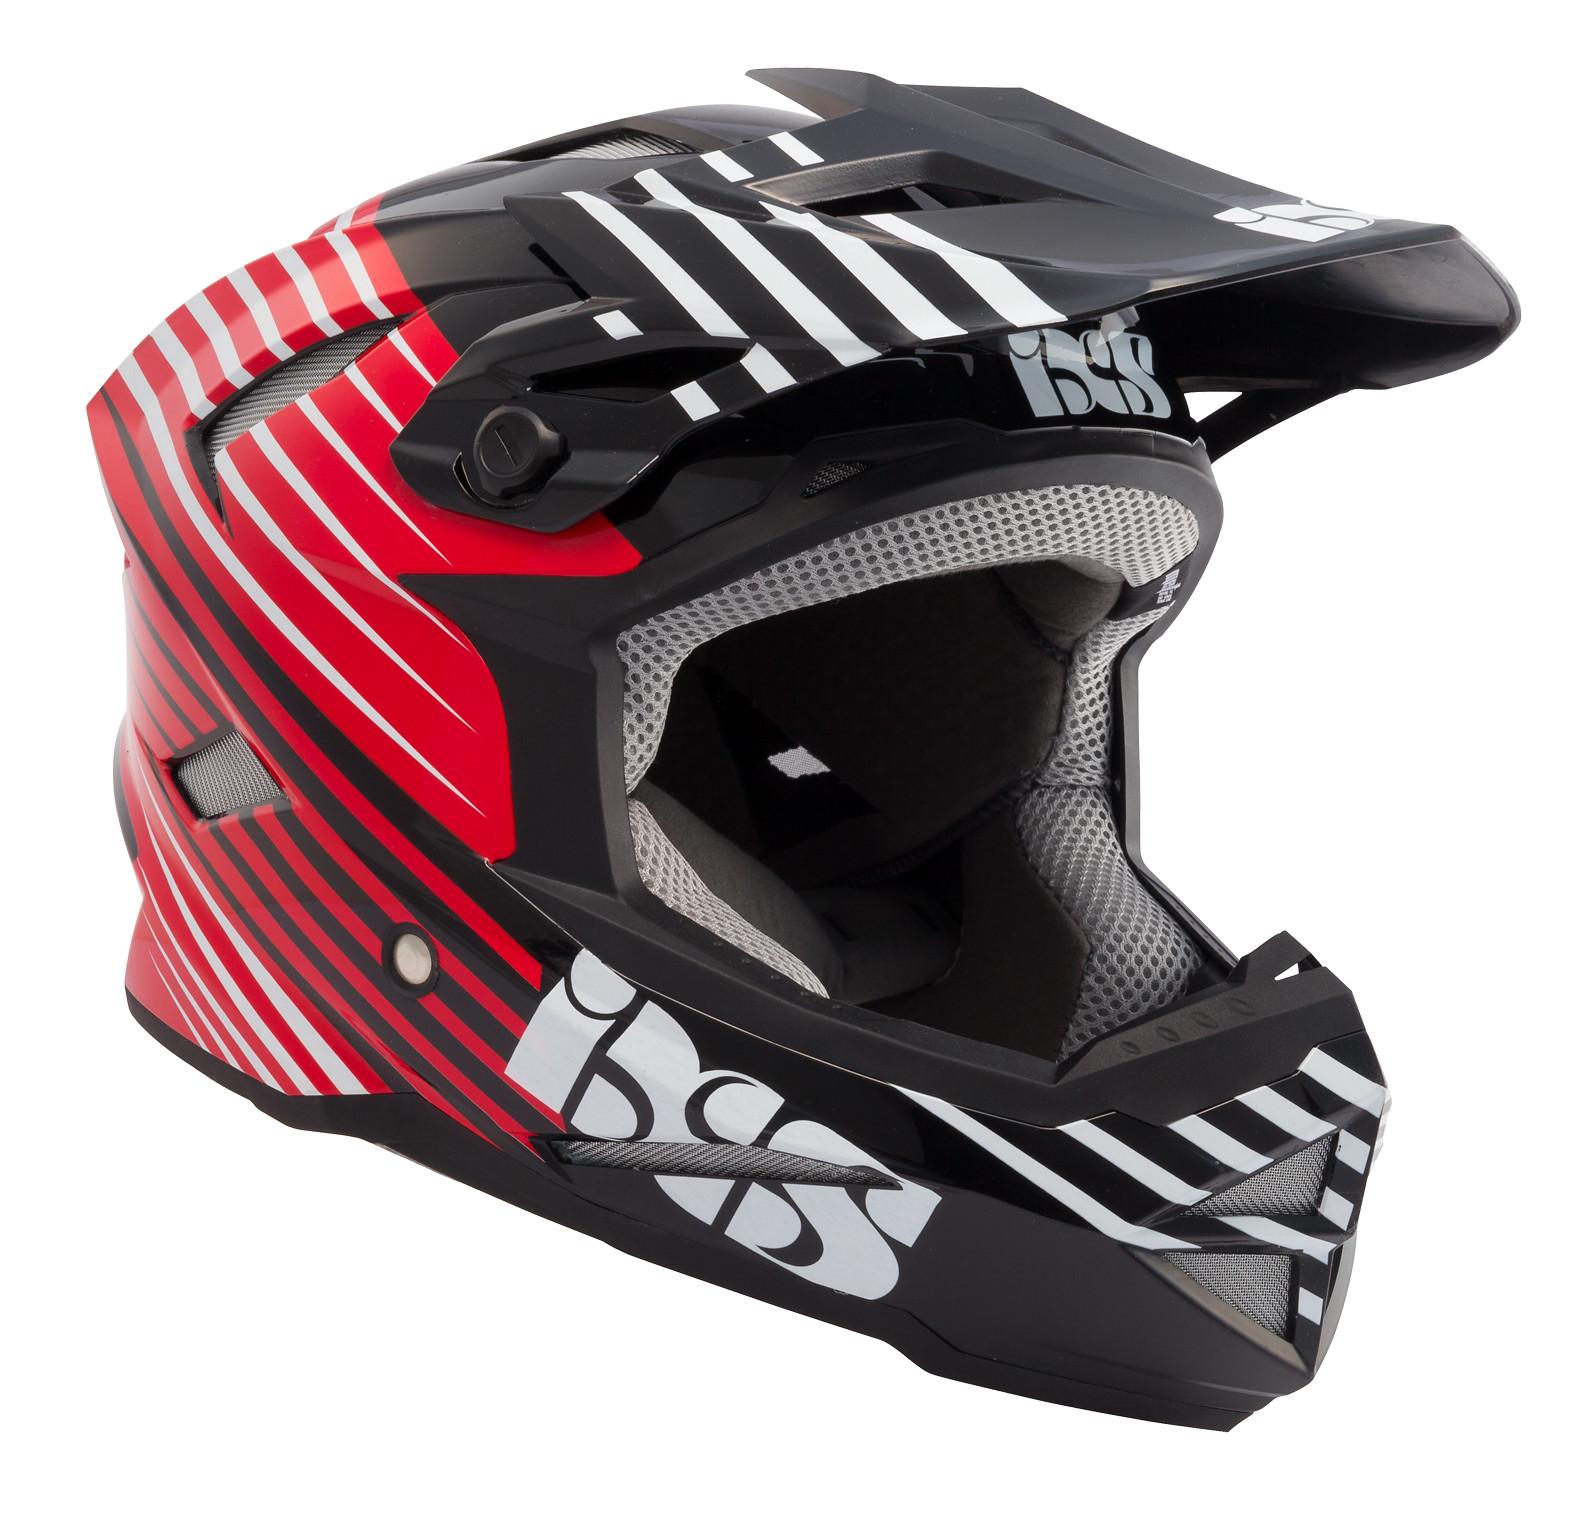 iXS Metis-Slide Full Face Helmet metis slide red 1